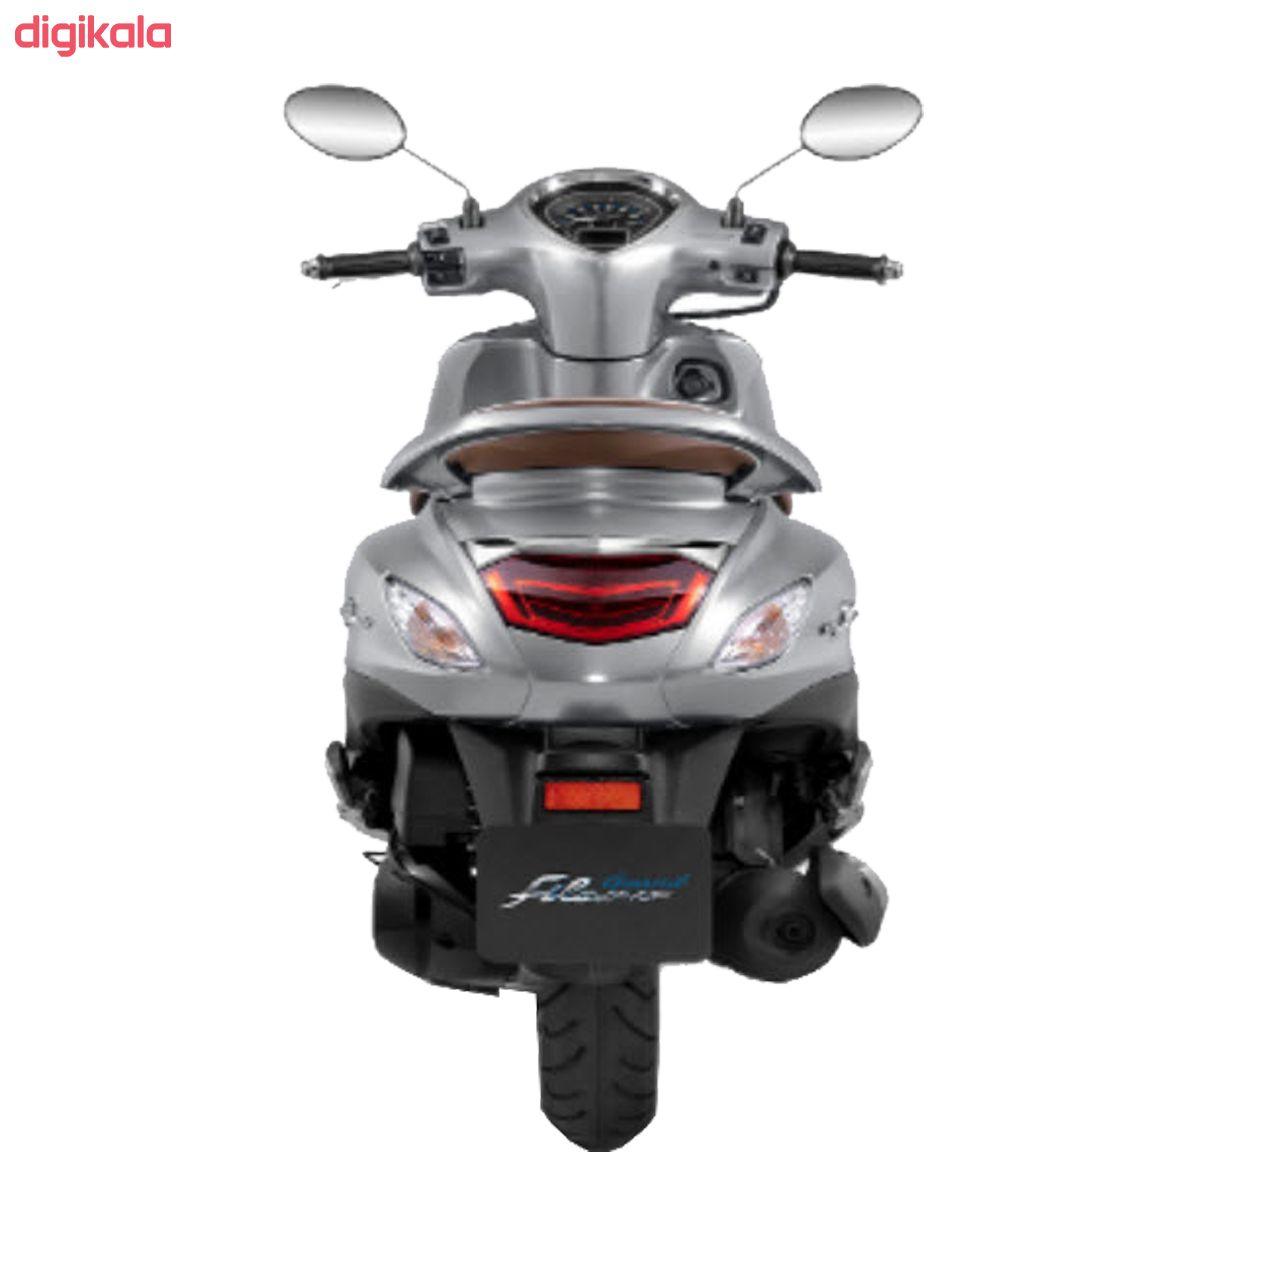 موتورسیکلت یاماها مدل GRAND FILANO استانداردحجم 125 سی سی سال 1399 main 1 2